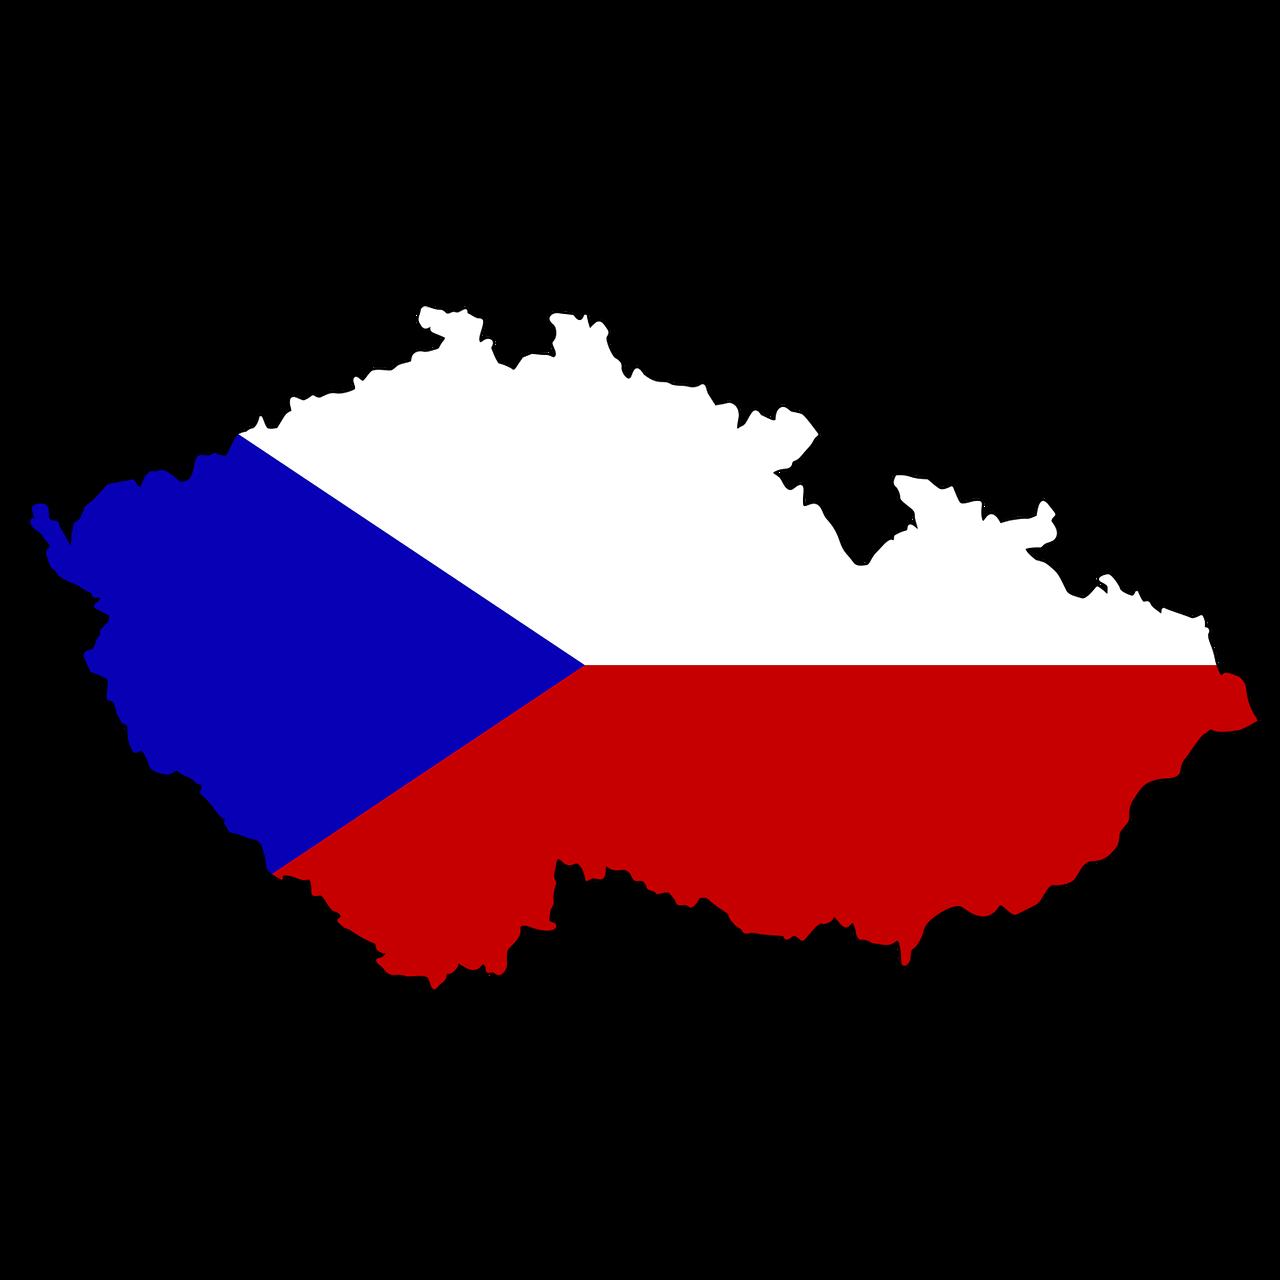 Prag Karte Tschechien.Urlaub Und Tanken In Tschechien Was Gilt Es Zu Beachten